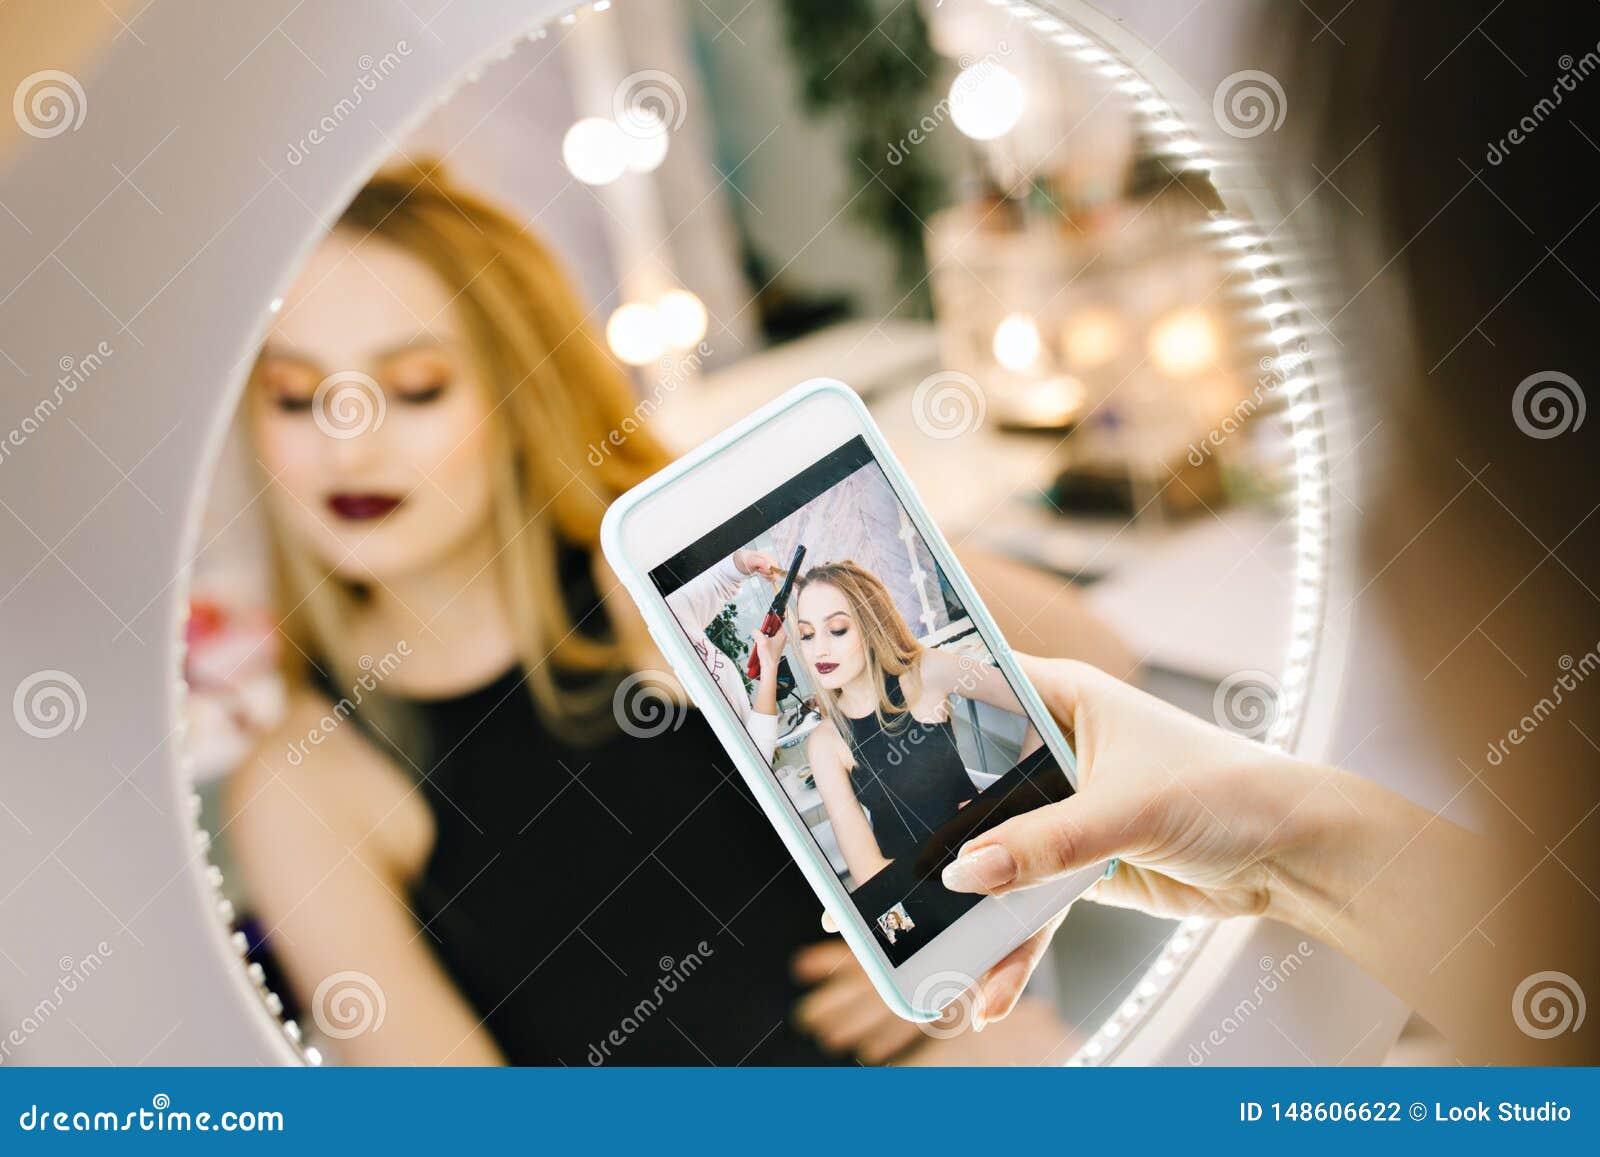 Elegante vrij jonge vrouw die foto op telefoon in spiegel maken tijdens het maken van kapsel in kappersalon stylish